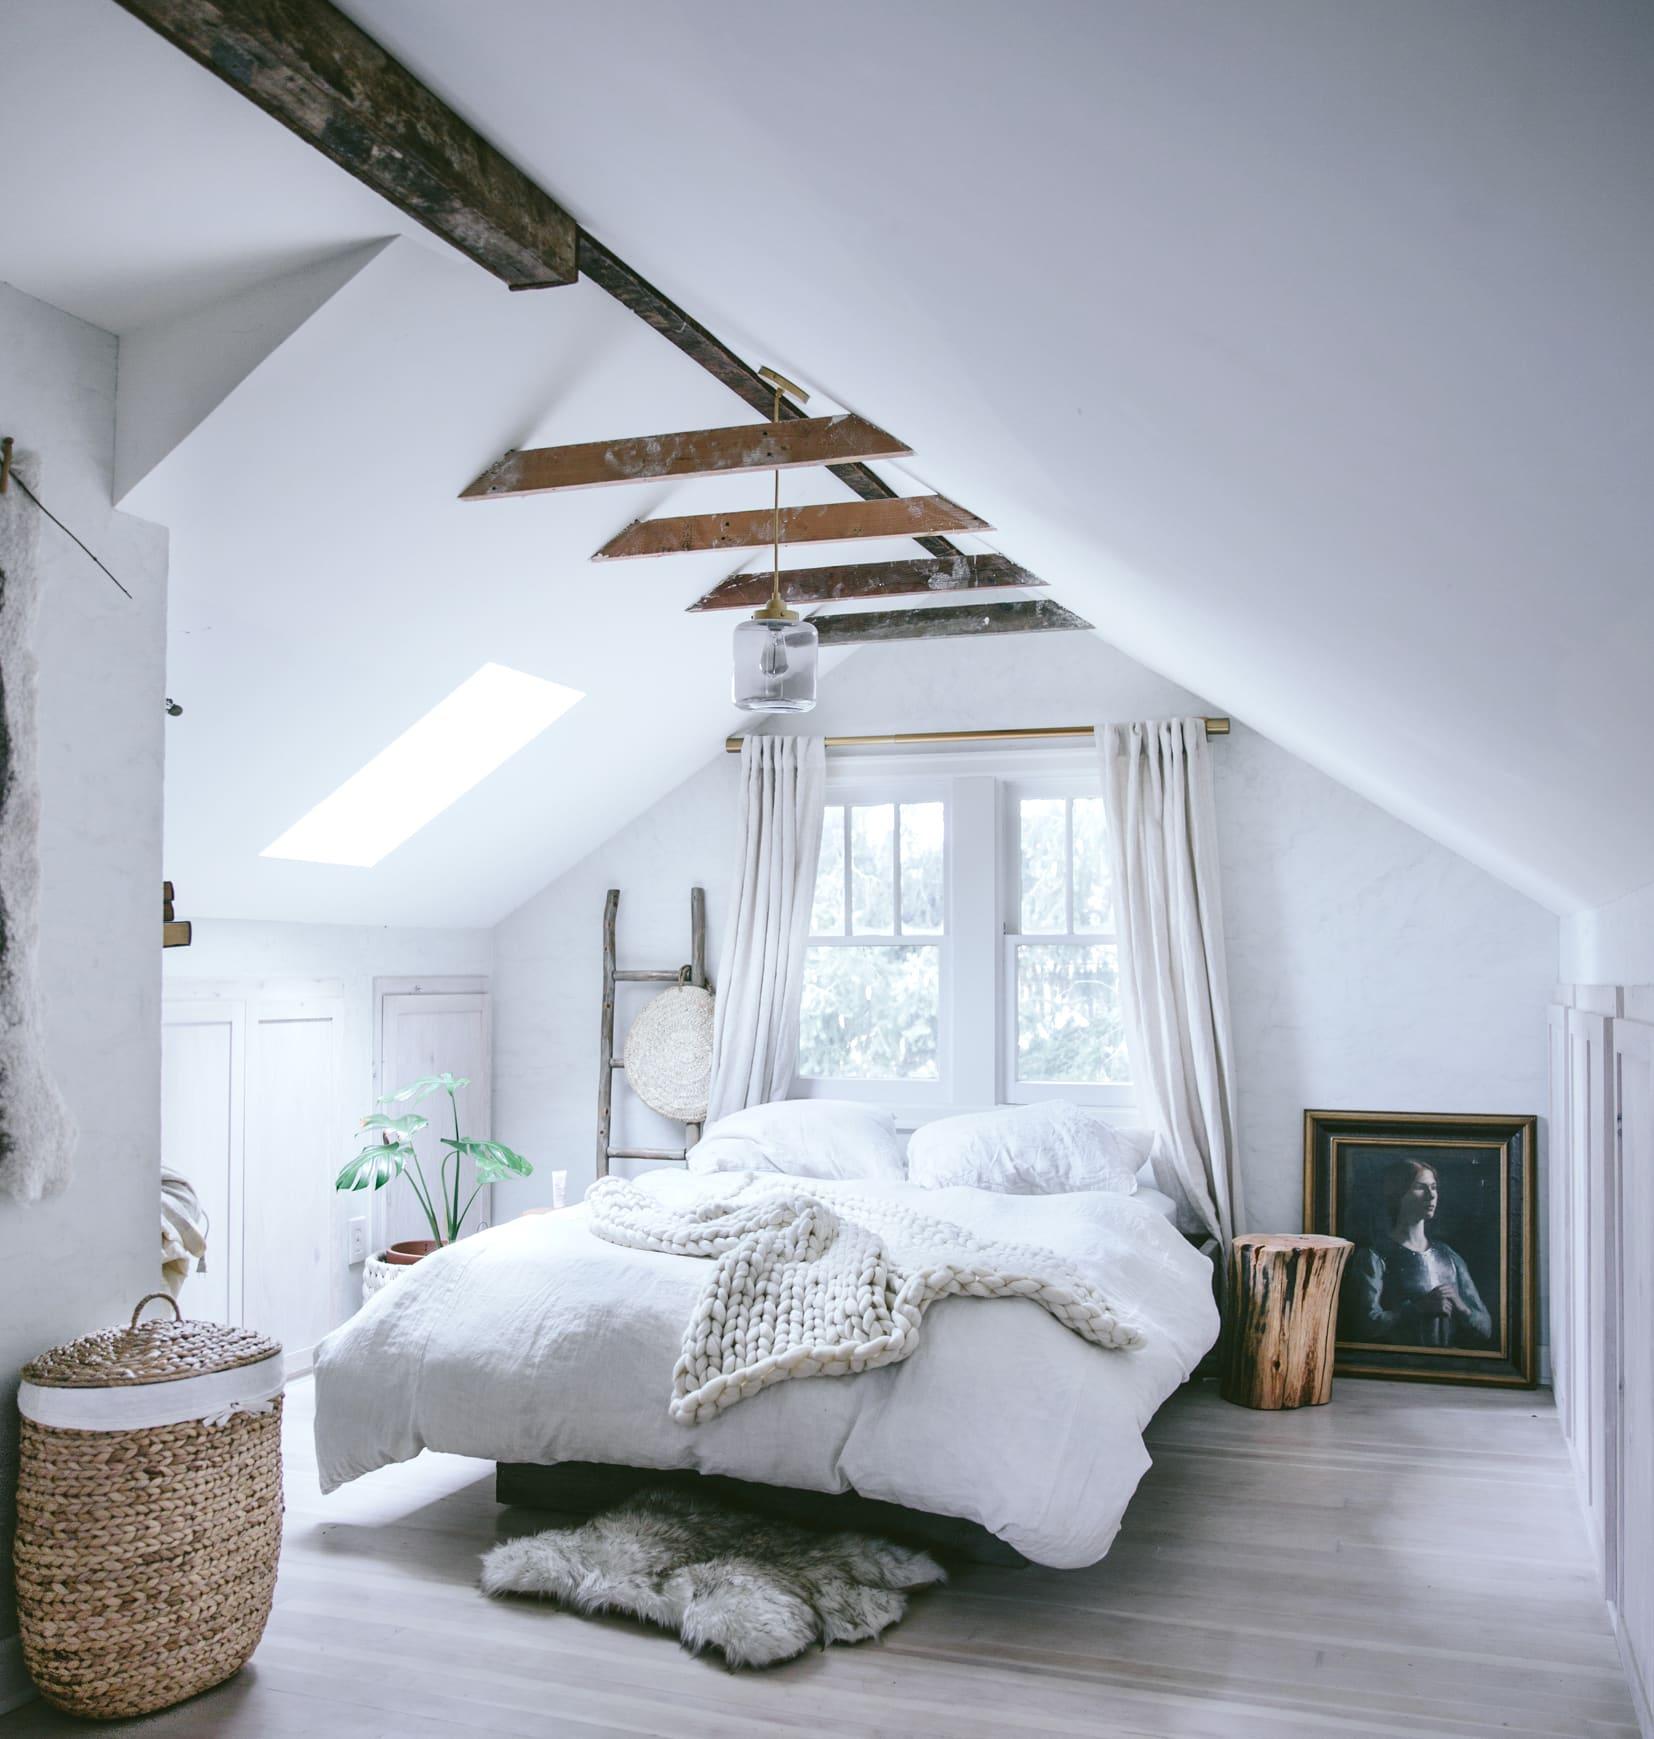 & 8 Cozy Bedroom Attic Lofts | COCOCOZY